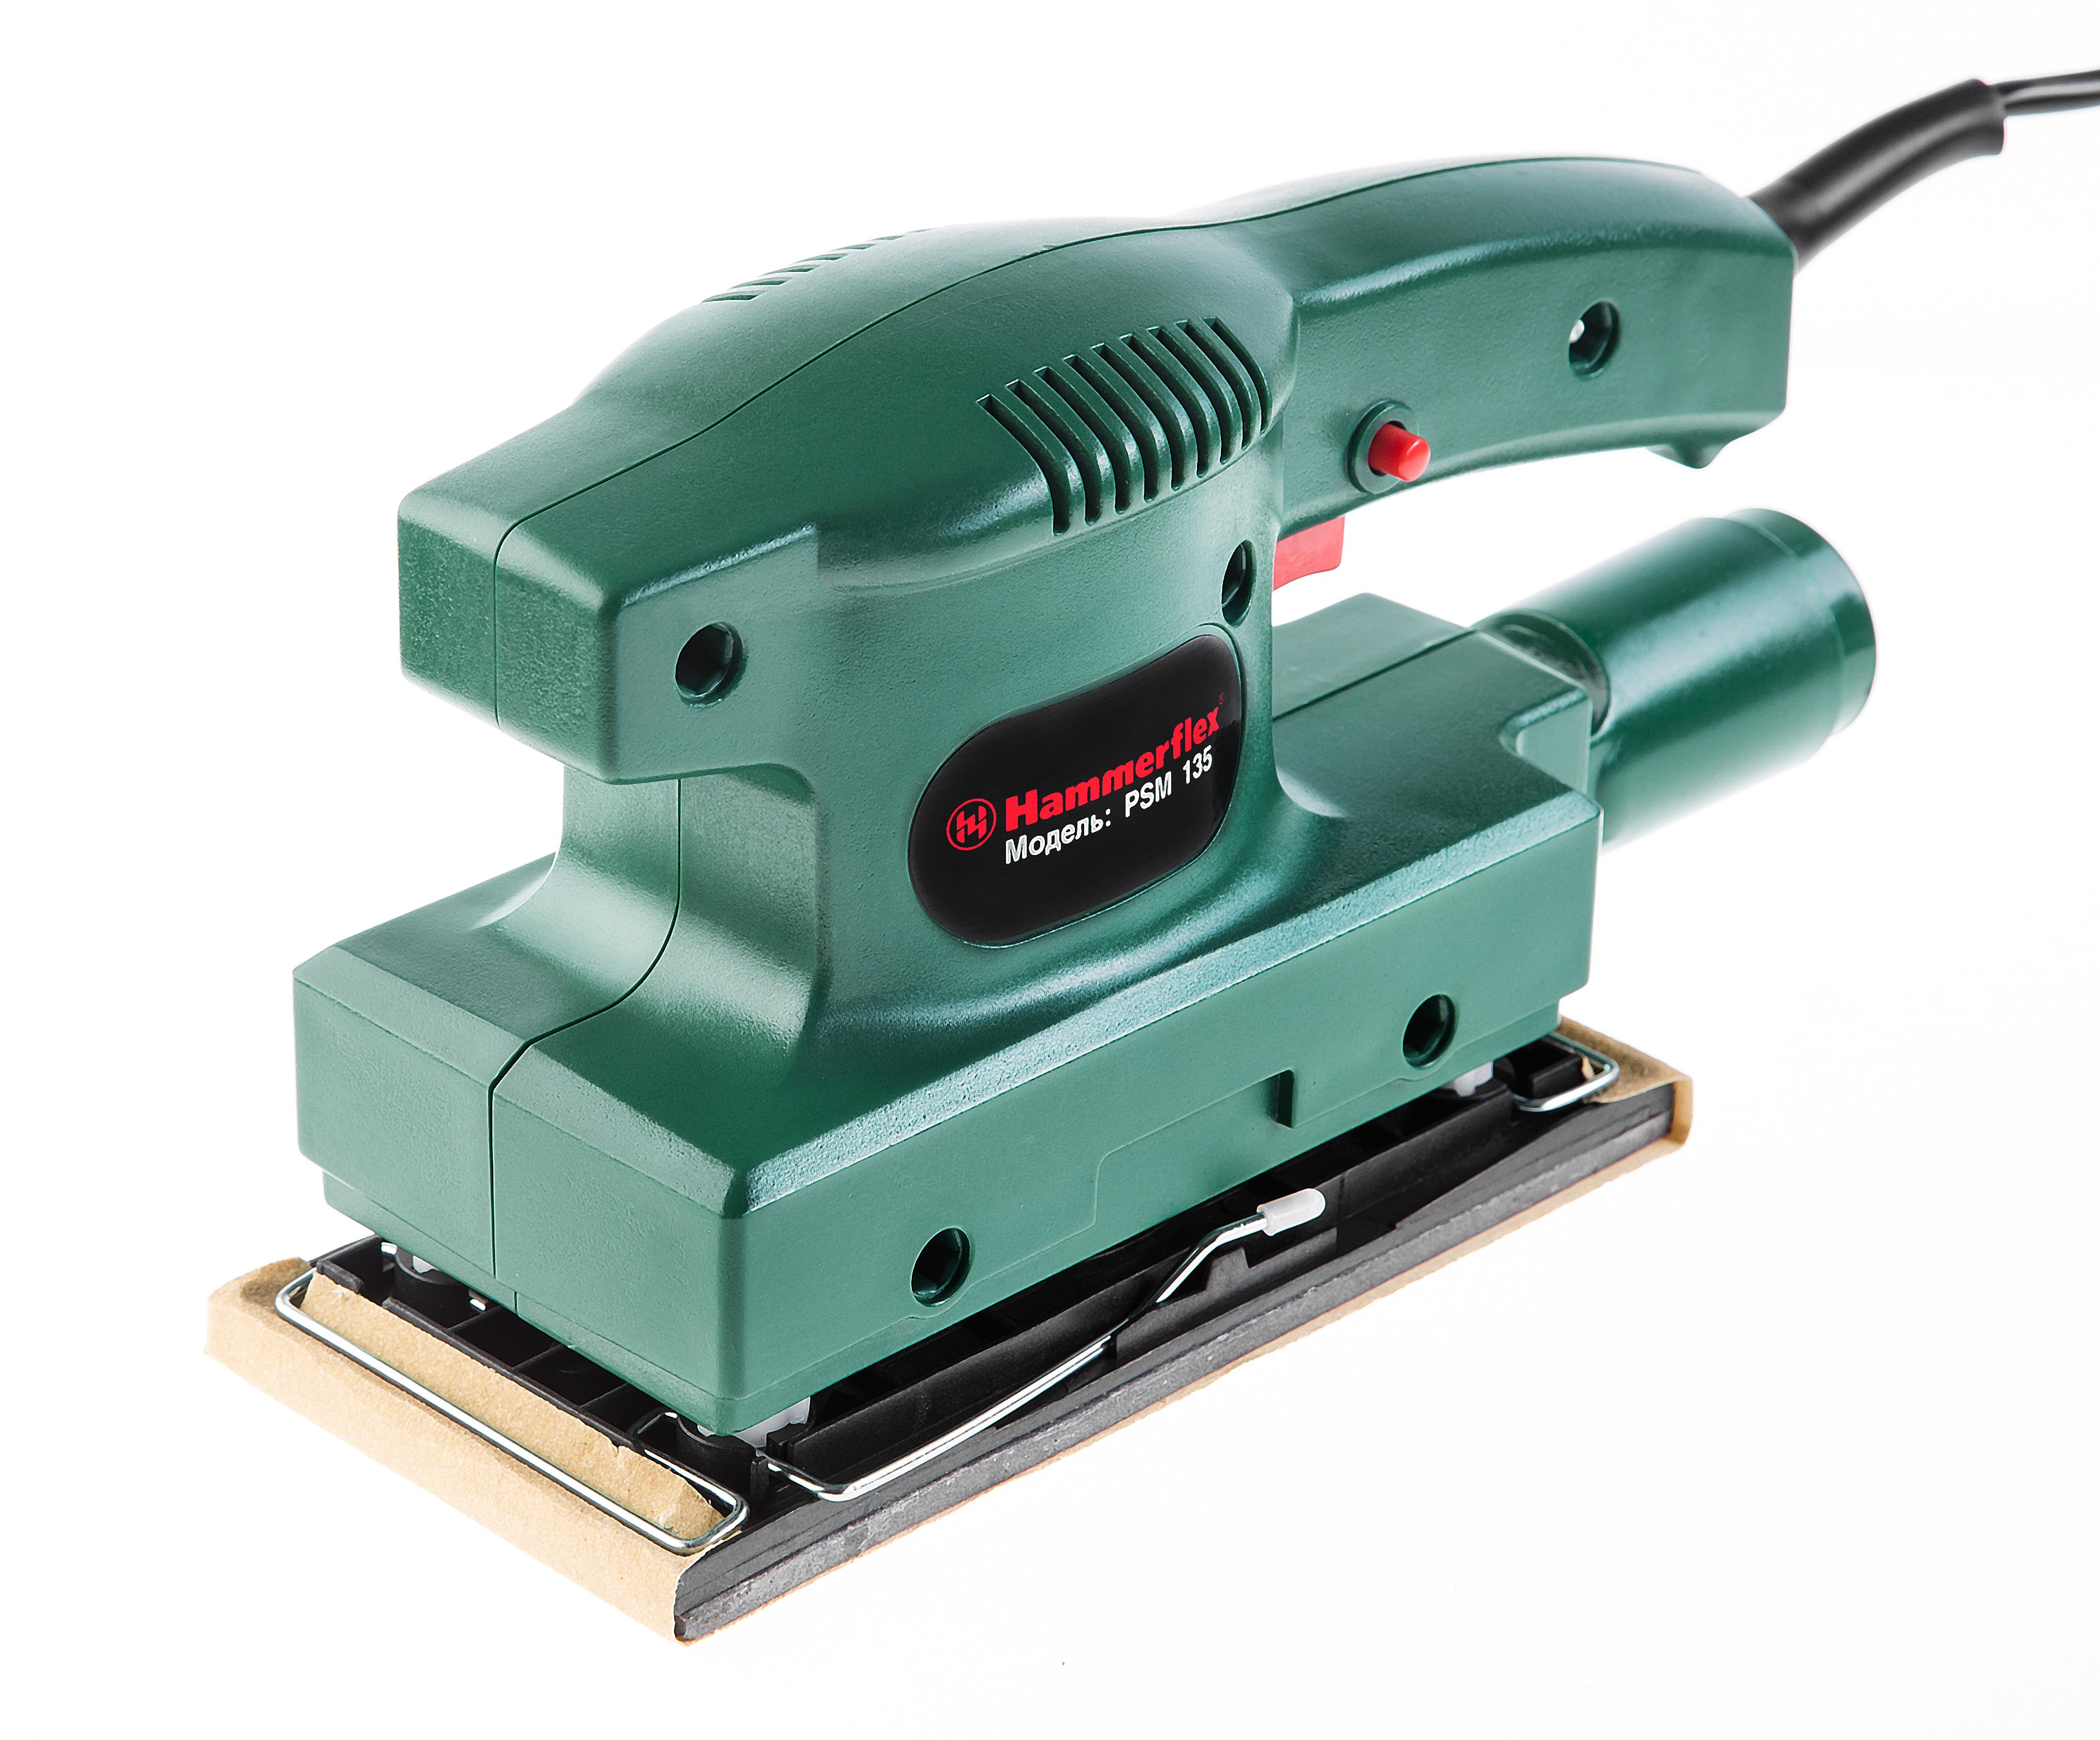 Машинка шлифовальная плоская (вибрационная) Hammer Psm135